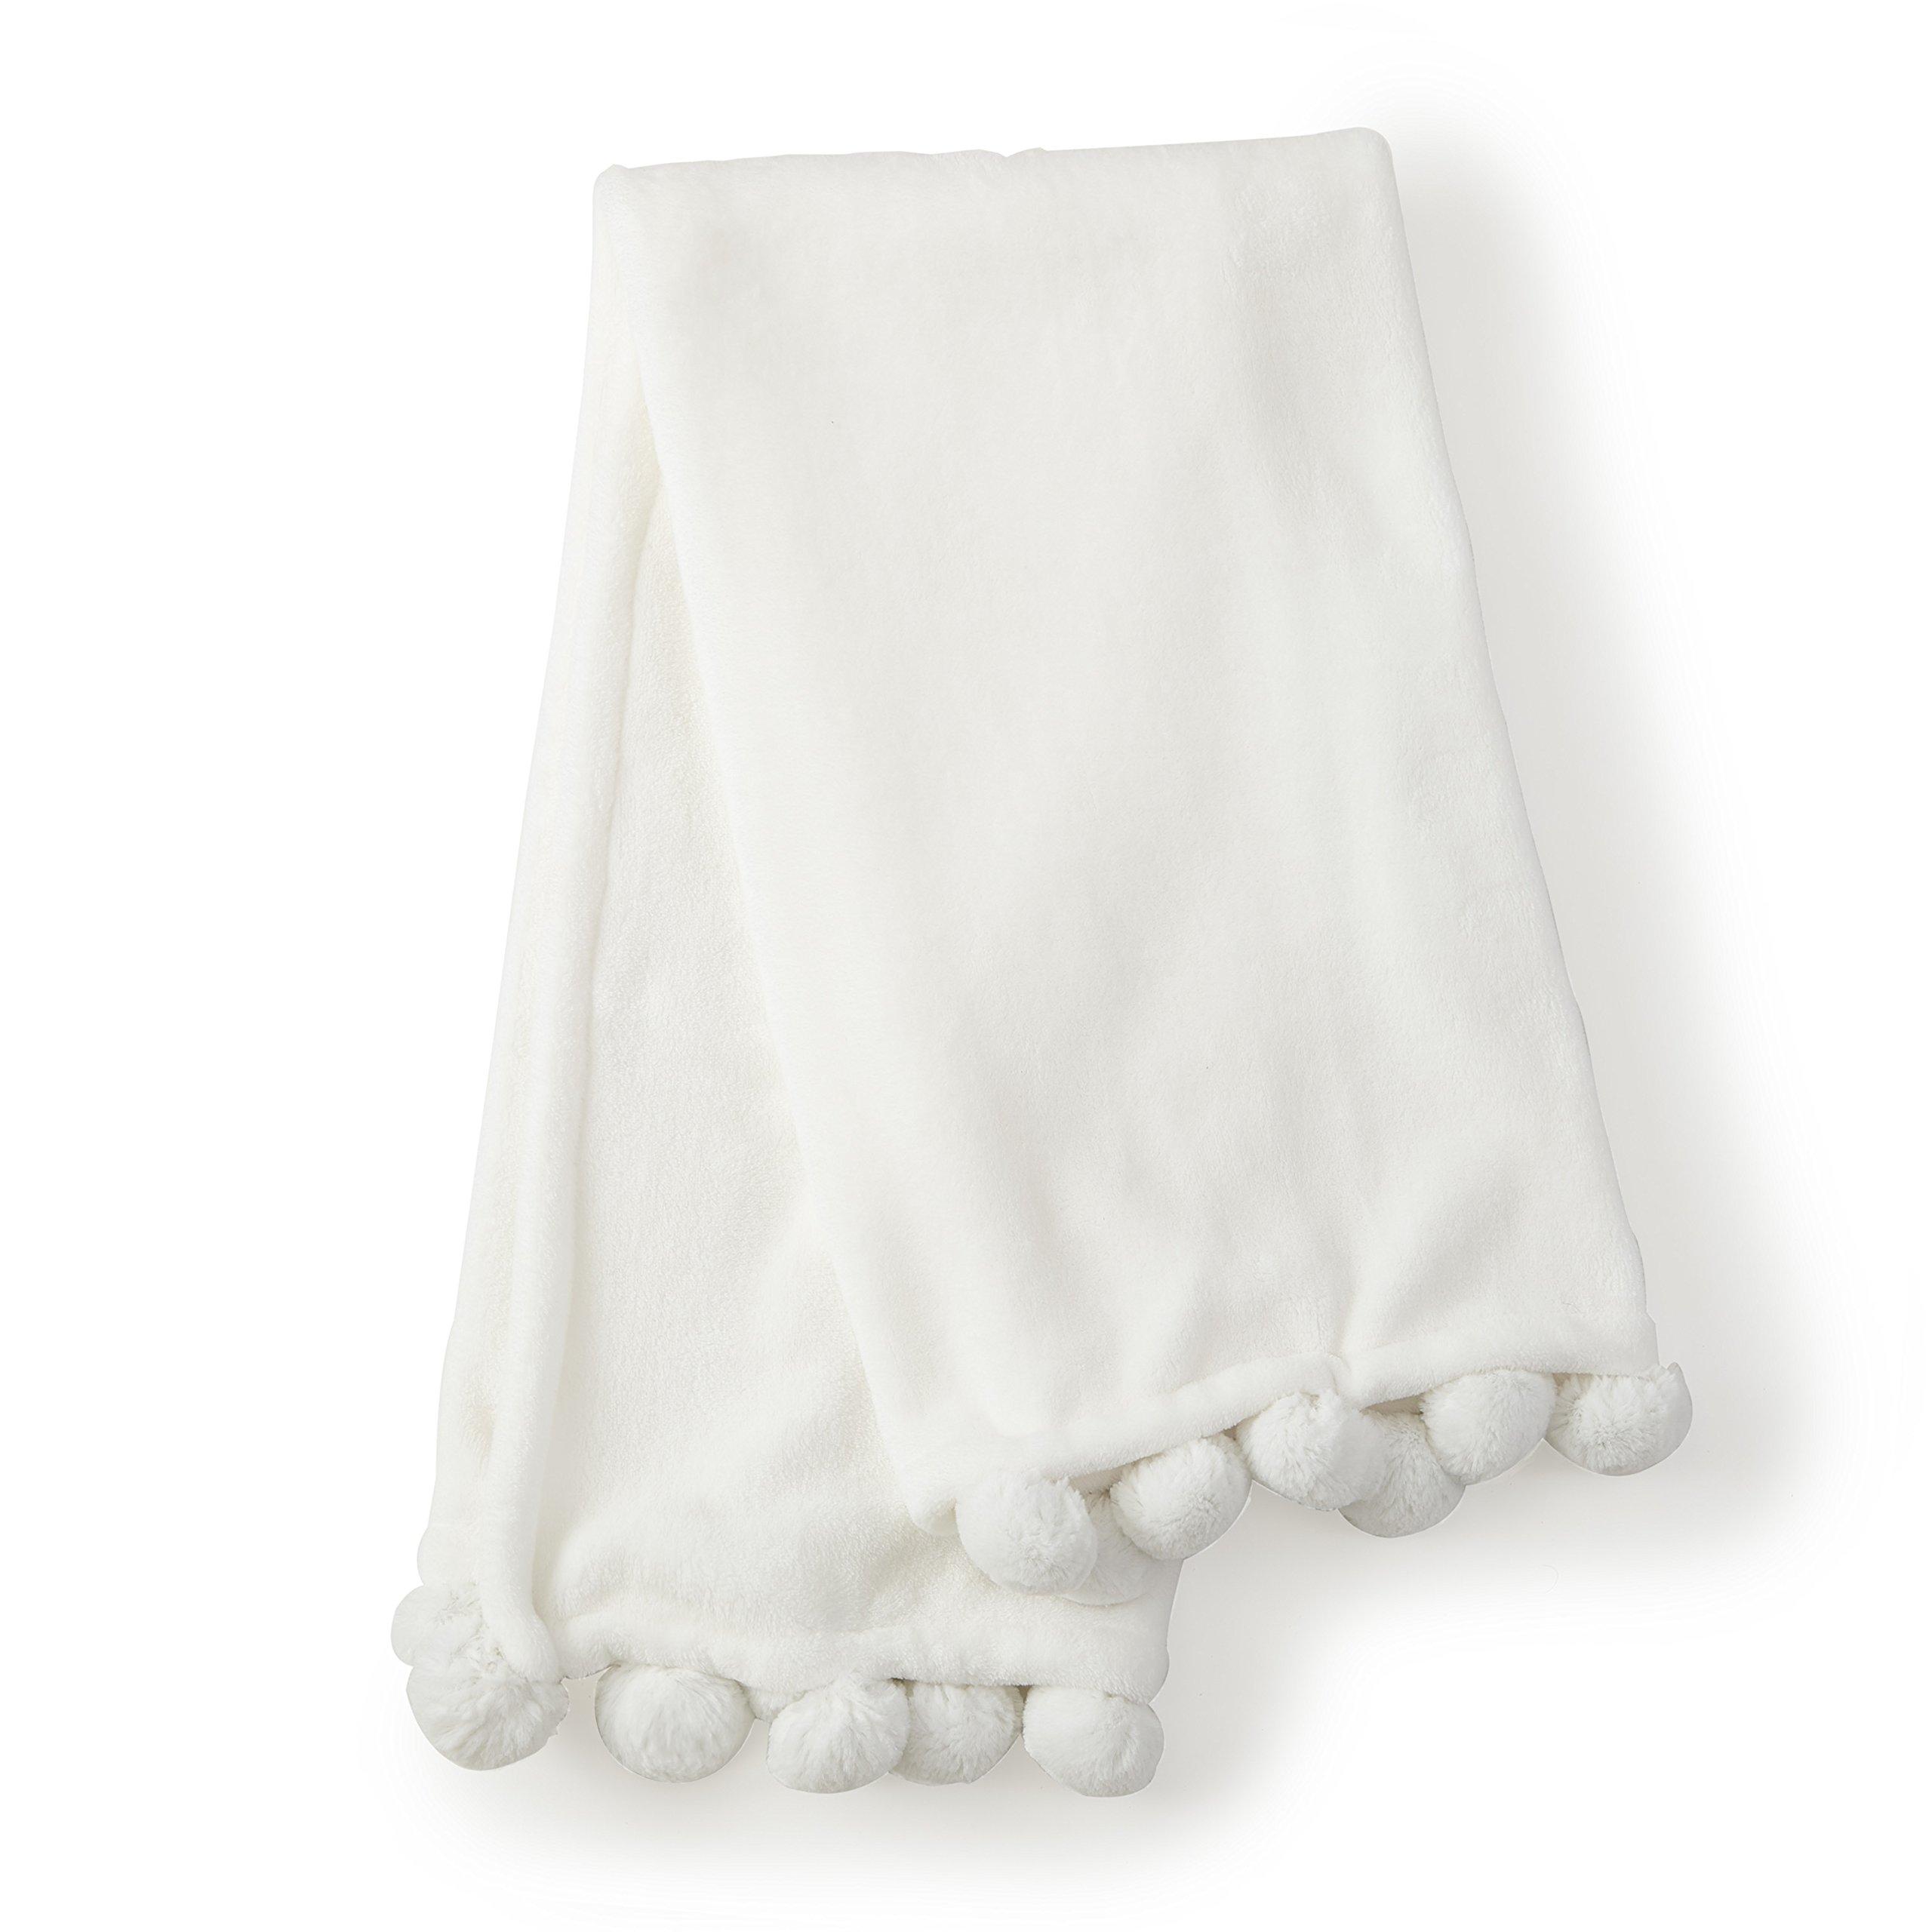 Levtex Home Levtex Baby Emma Cream Blanket, Cream